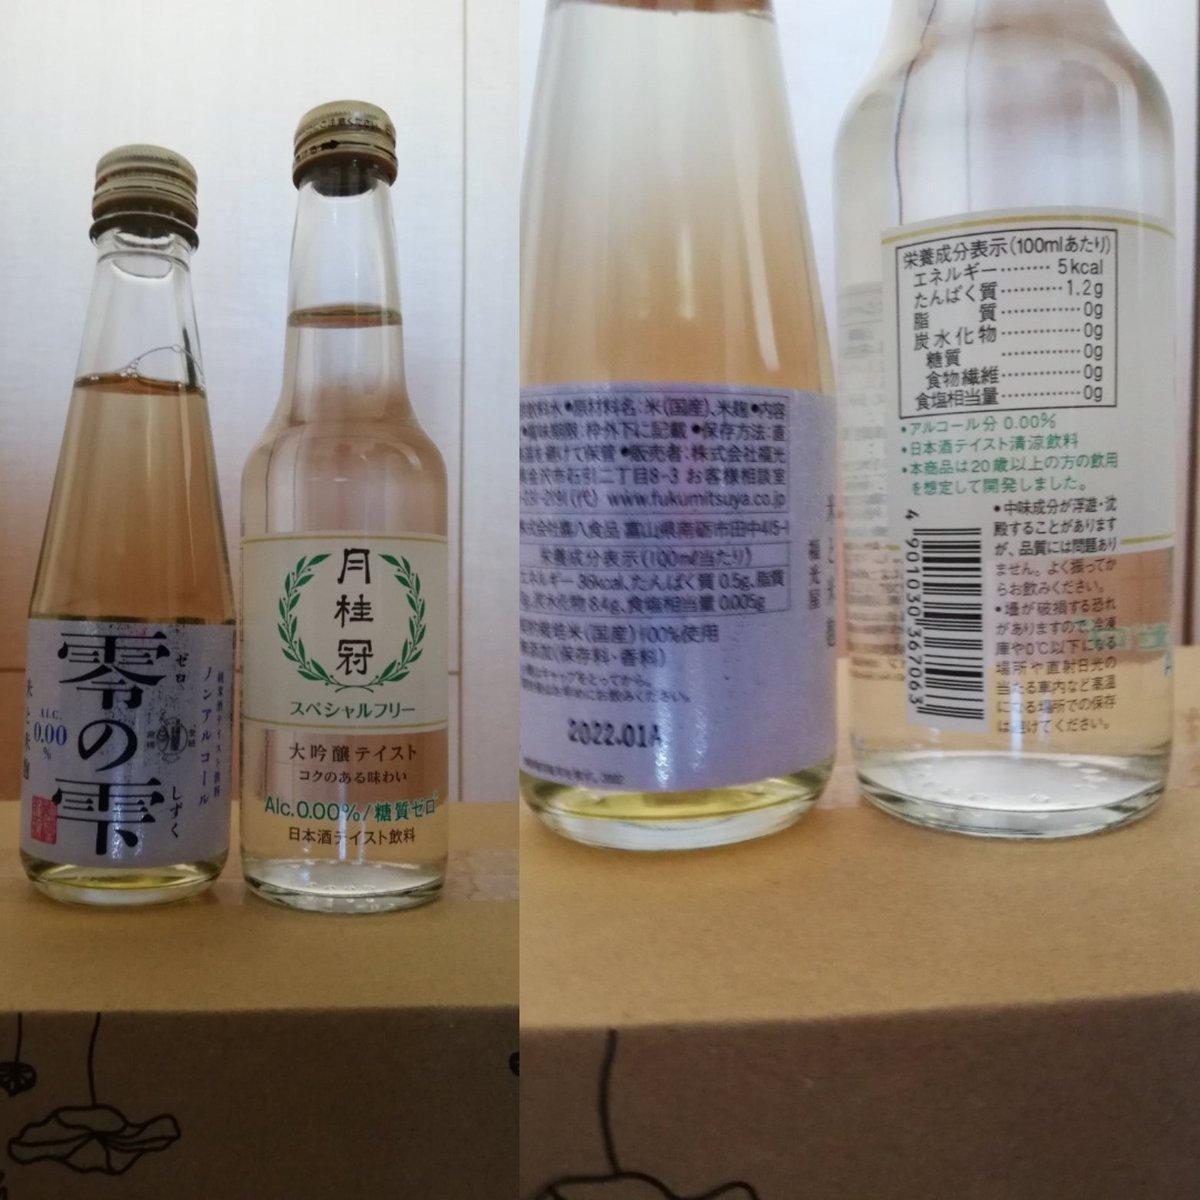 test ツイッターメディア - #日本酒テイスト飲料 というものを試してみました。#月桂冠スペシャルフリー こちらは風ドリンクです。薄目のミカン水みたいです。 #零の雫 #福光屋 さんが出しております。こちらは米、米麹でできております。うっすら甘酒のような味わいがします。 #日本酒 #家呑み https://t.co/9D2m327RR6